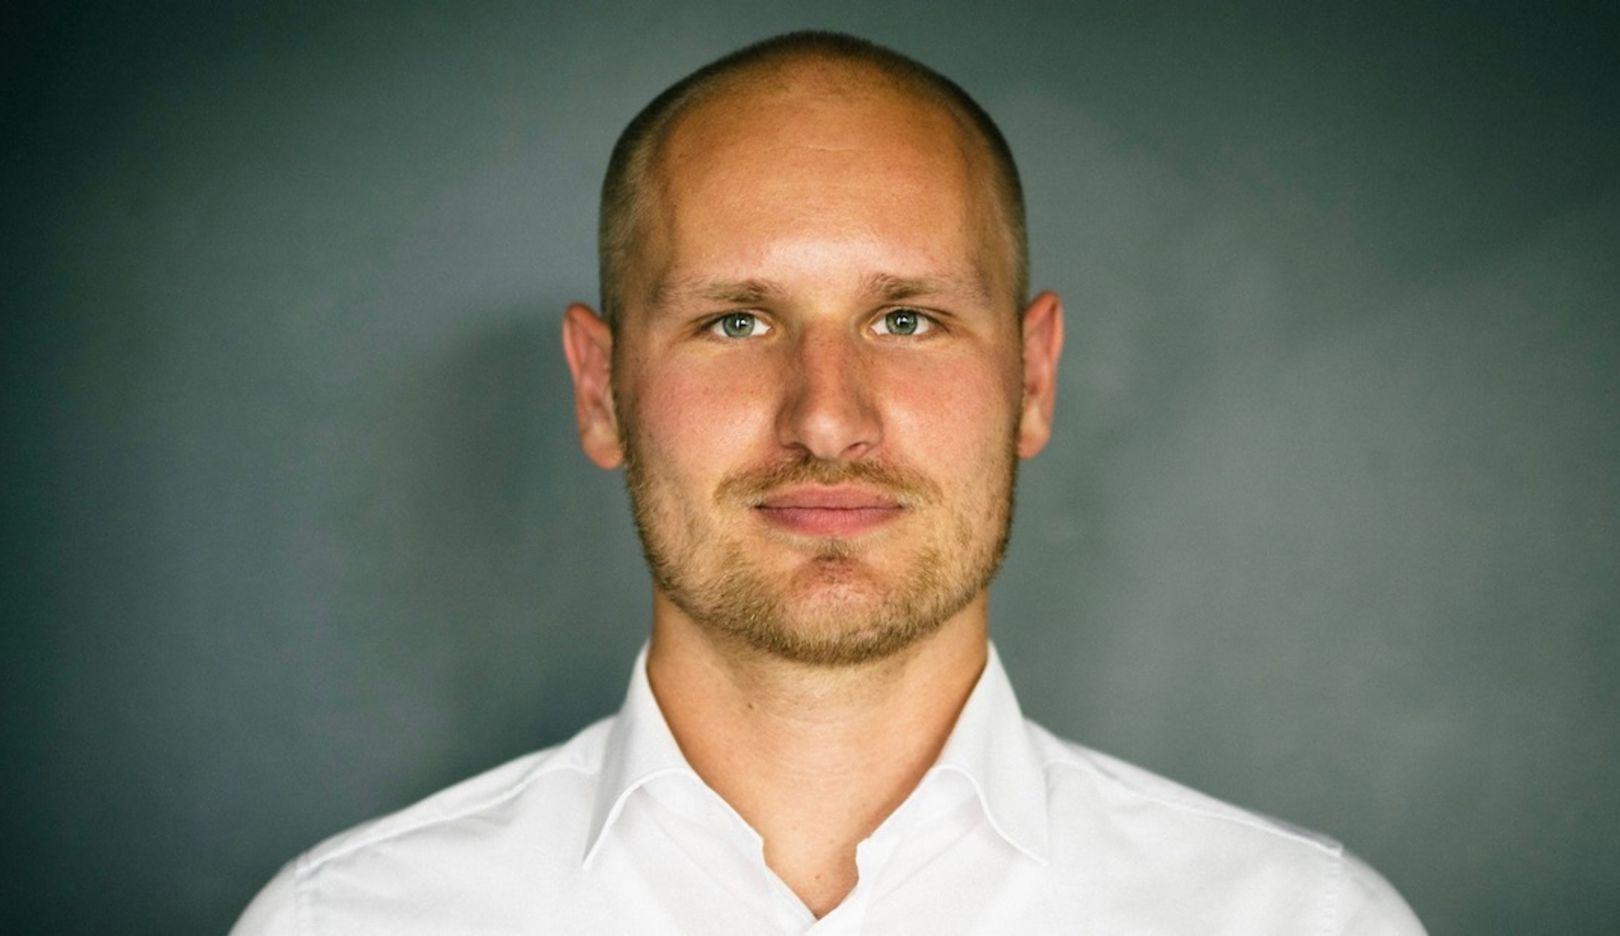 Stefan Muderack, 2017, Porsche AG